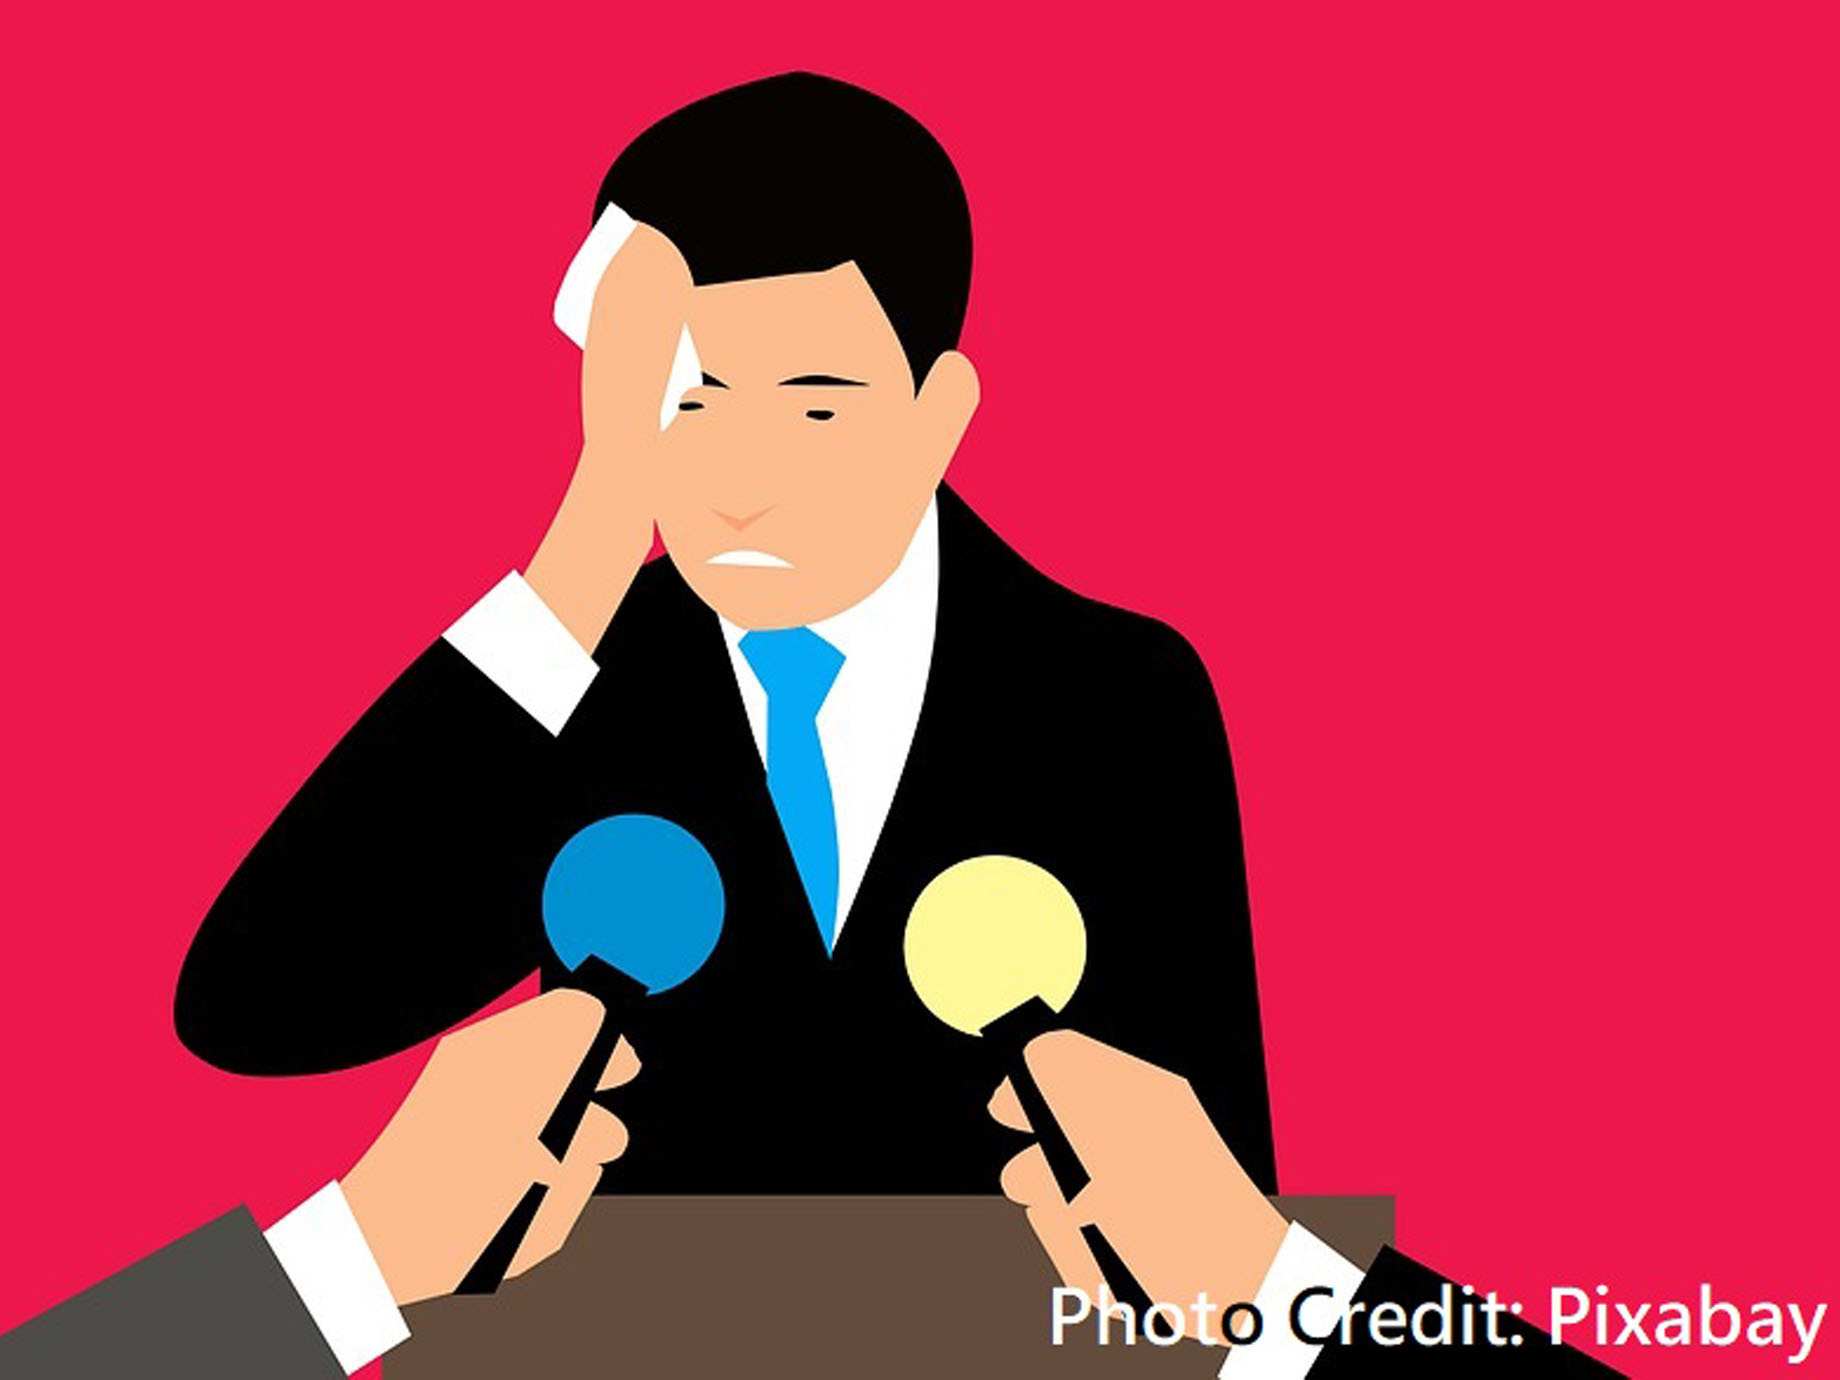 【年前解密】想化解高風險話題?學會這4招,從容應對各大尷尬時刻